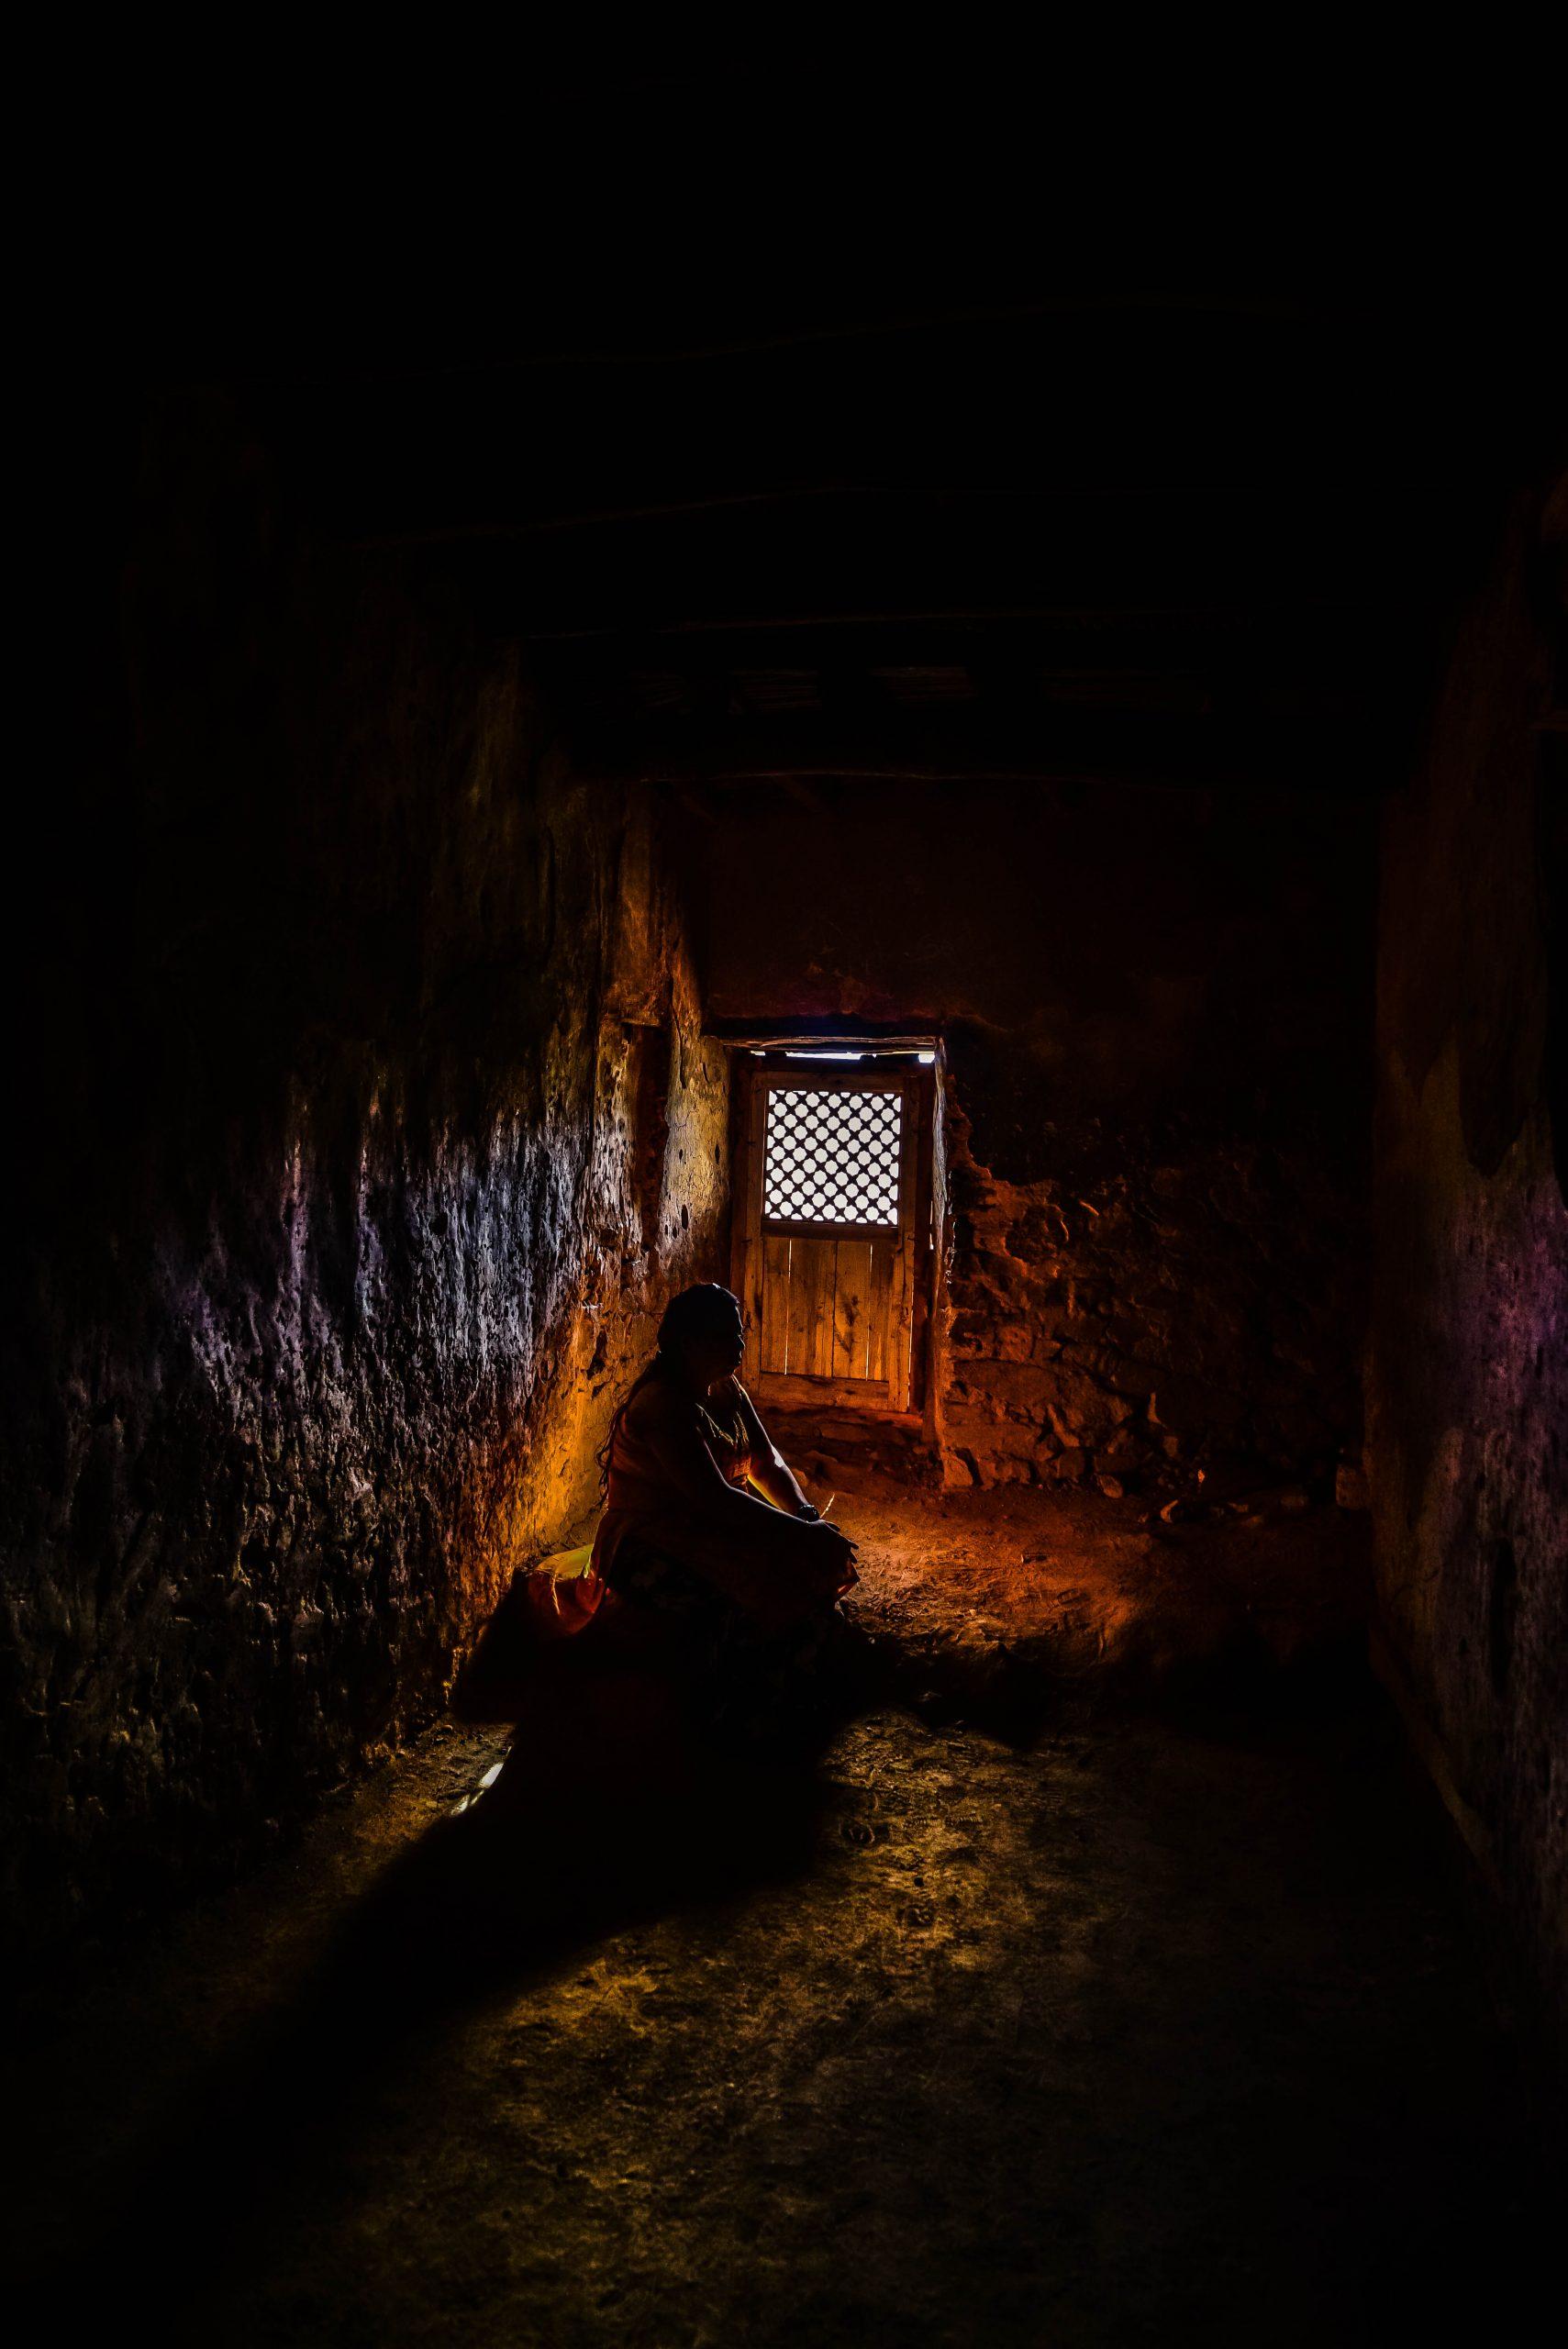 A woman sitting in a dark room.